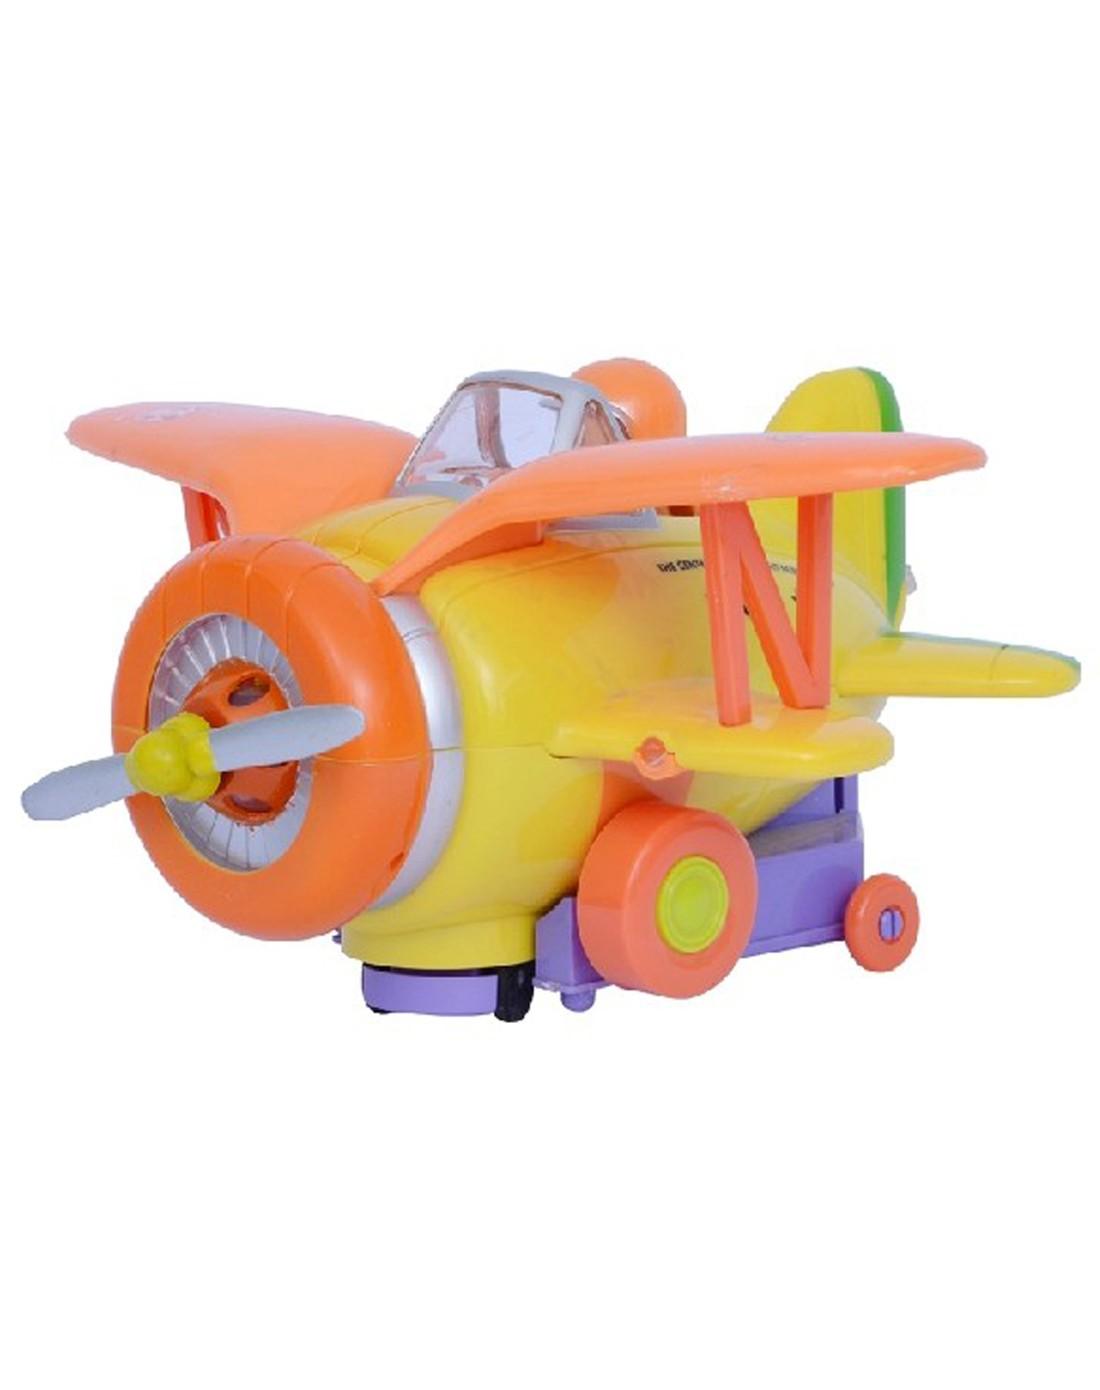 奇妙飞机卡通音乐小飞机儿童玩具飞机